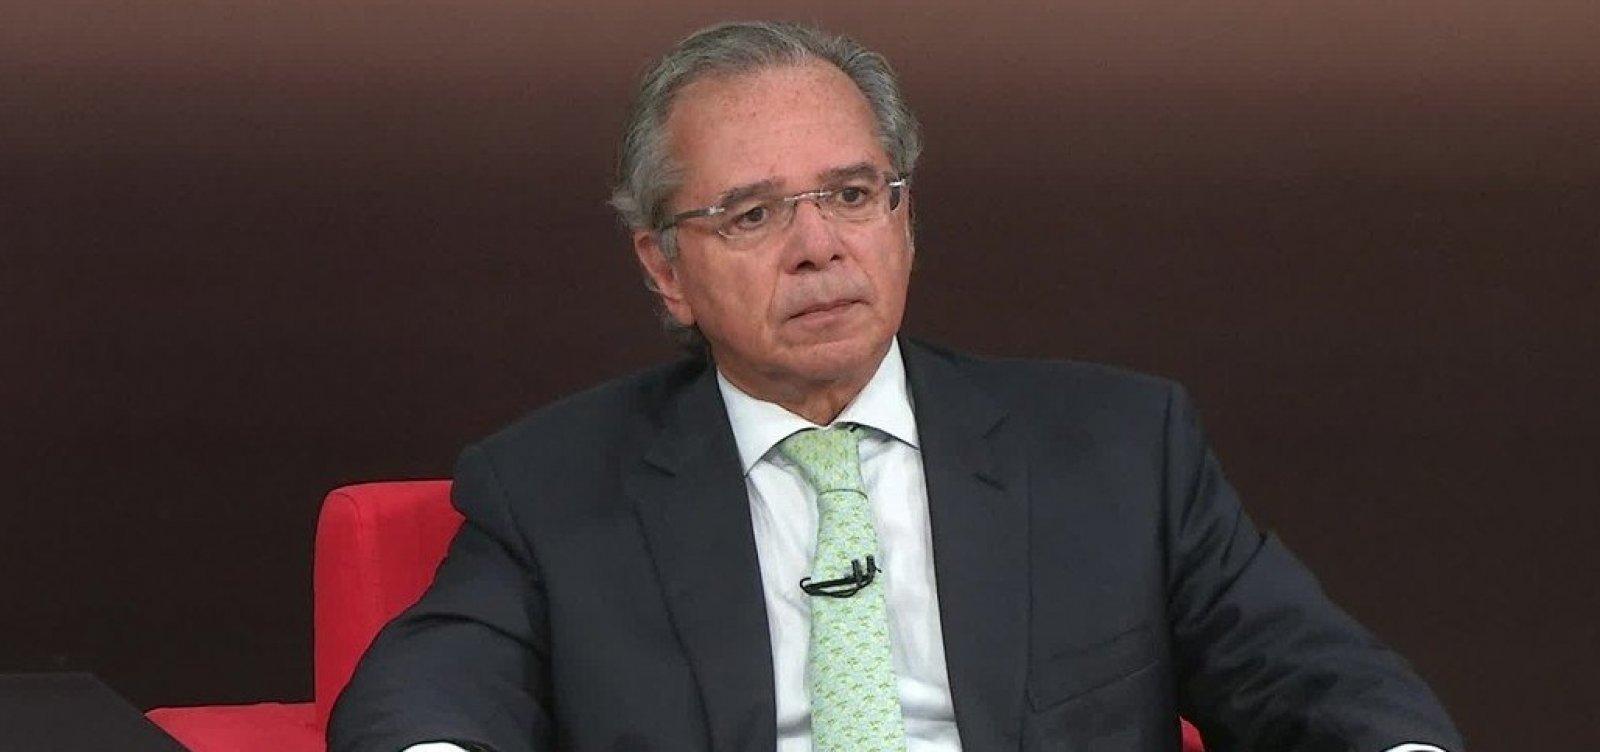 Paulo Guedes se reúne com governadores eleitos na próxima semana